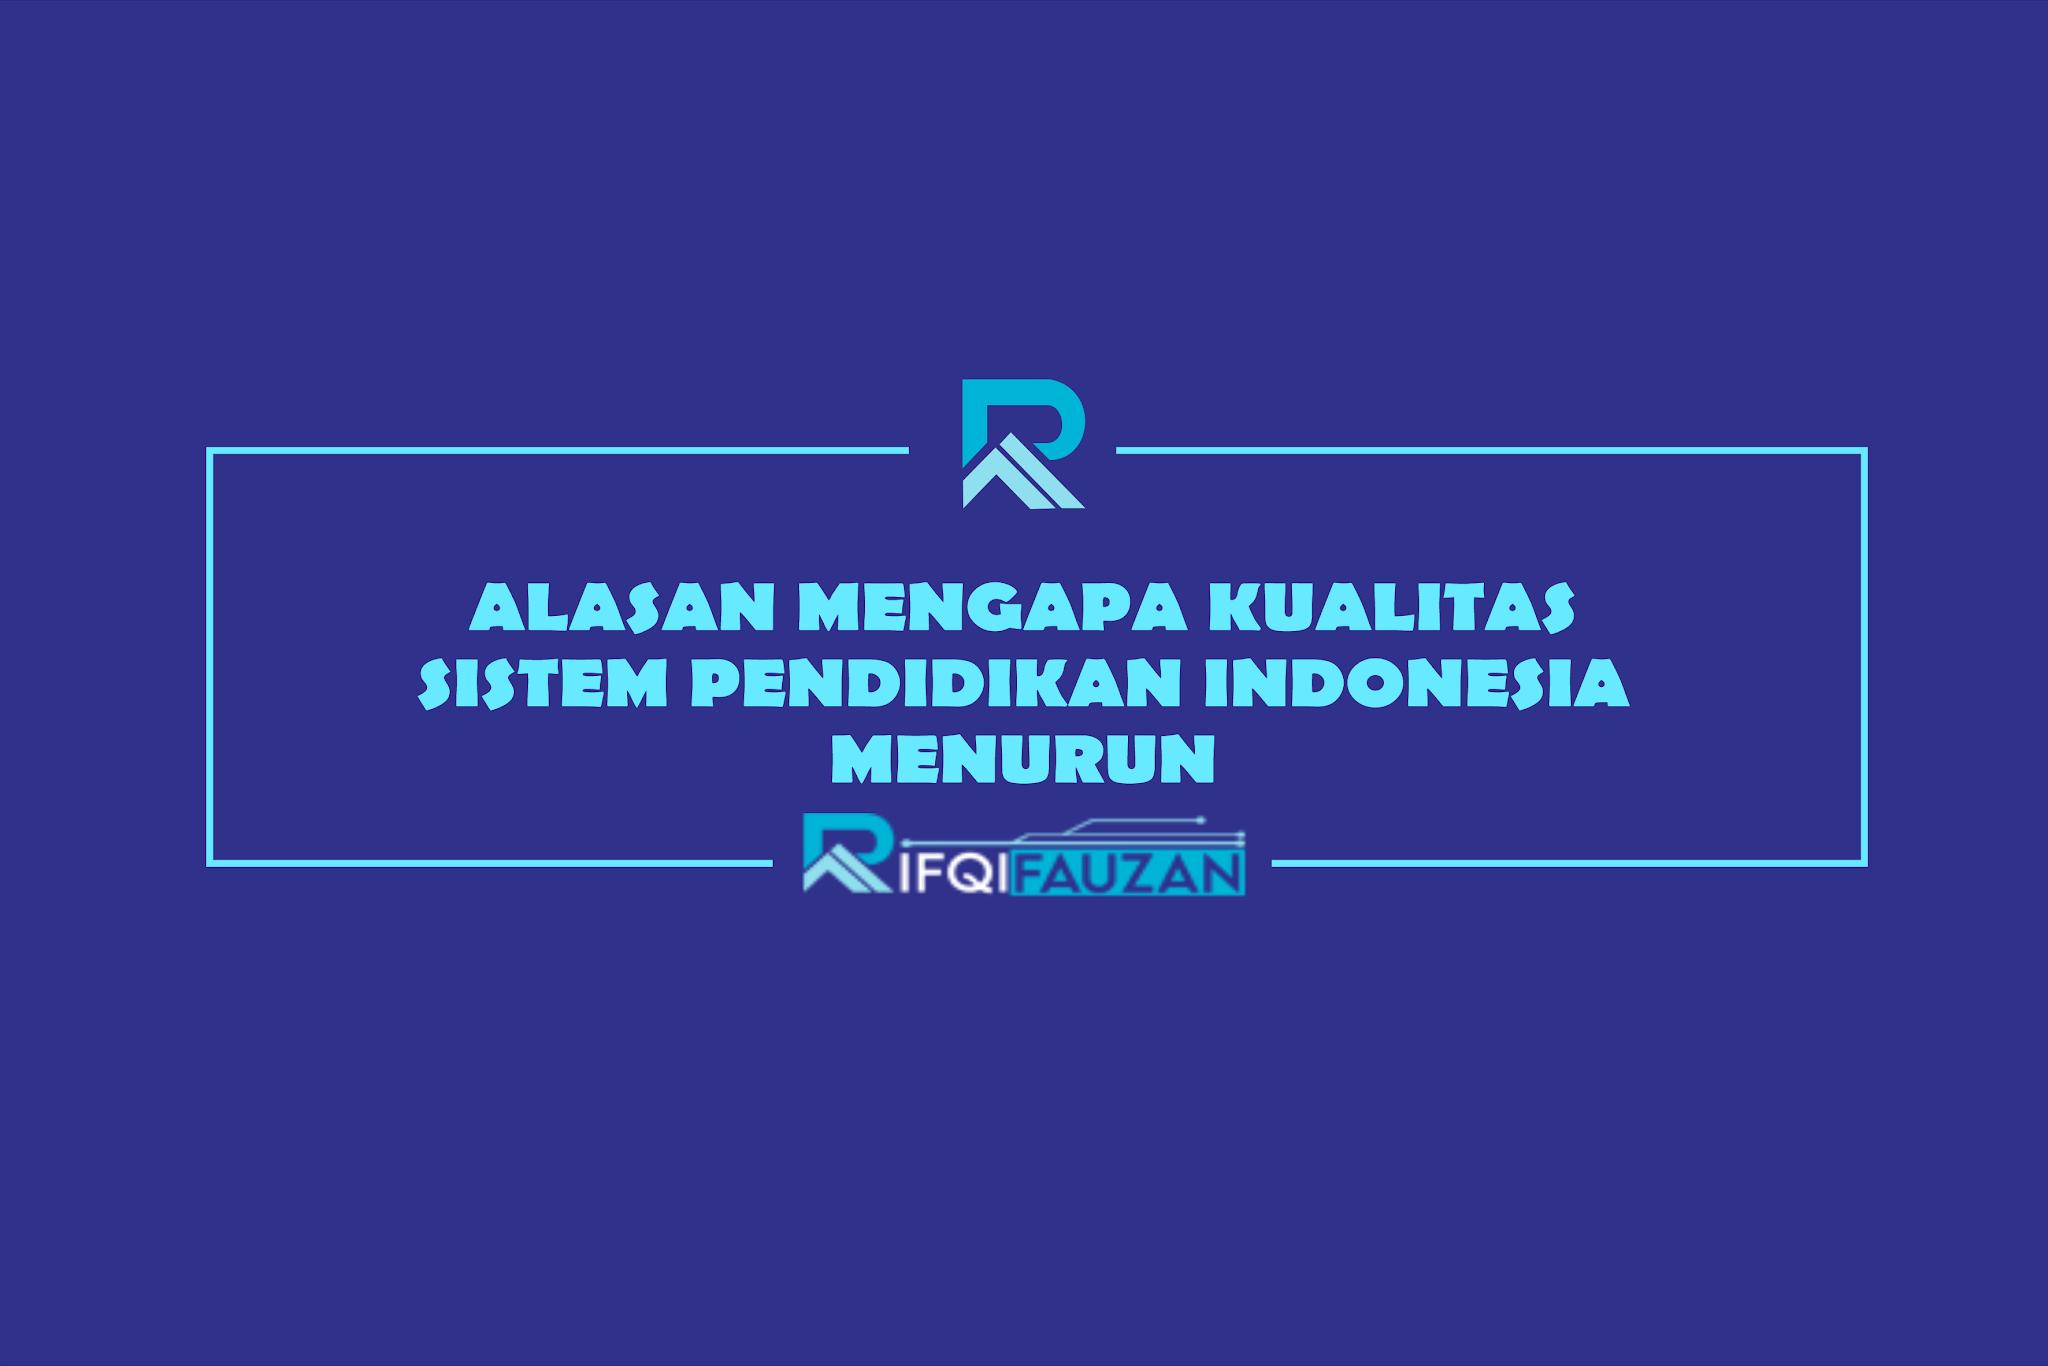 Mengapa Sistem Pendidikan Indonesia Buruk? (Sistem Pendidikan Indonesia Dibandingkan dengan Dunia)